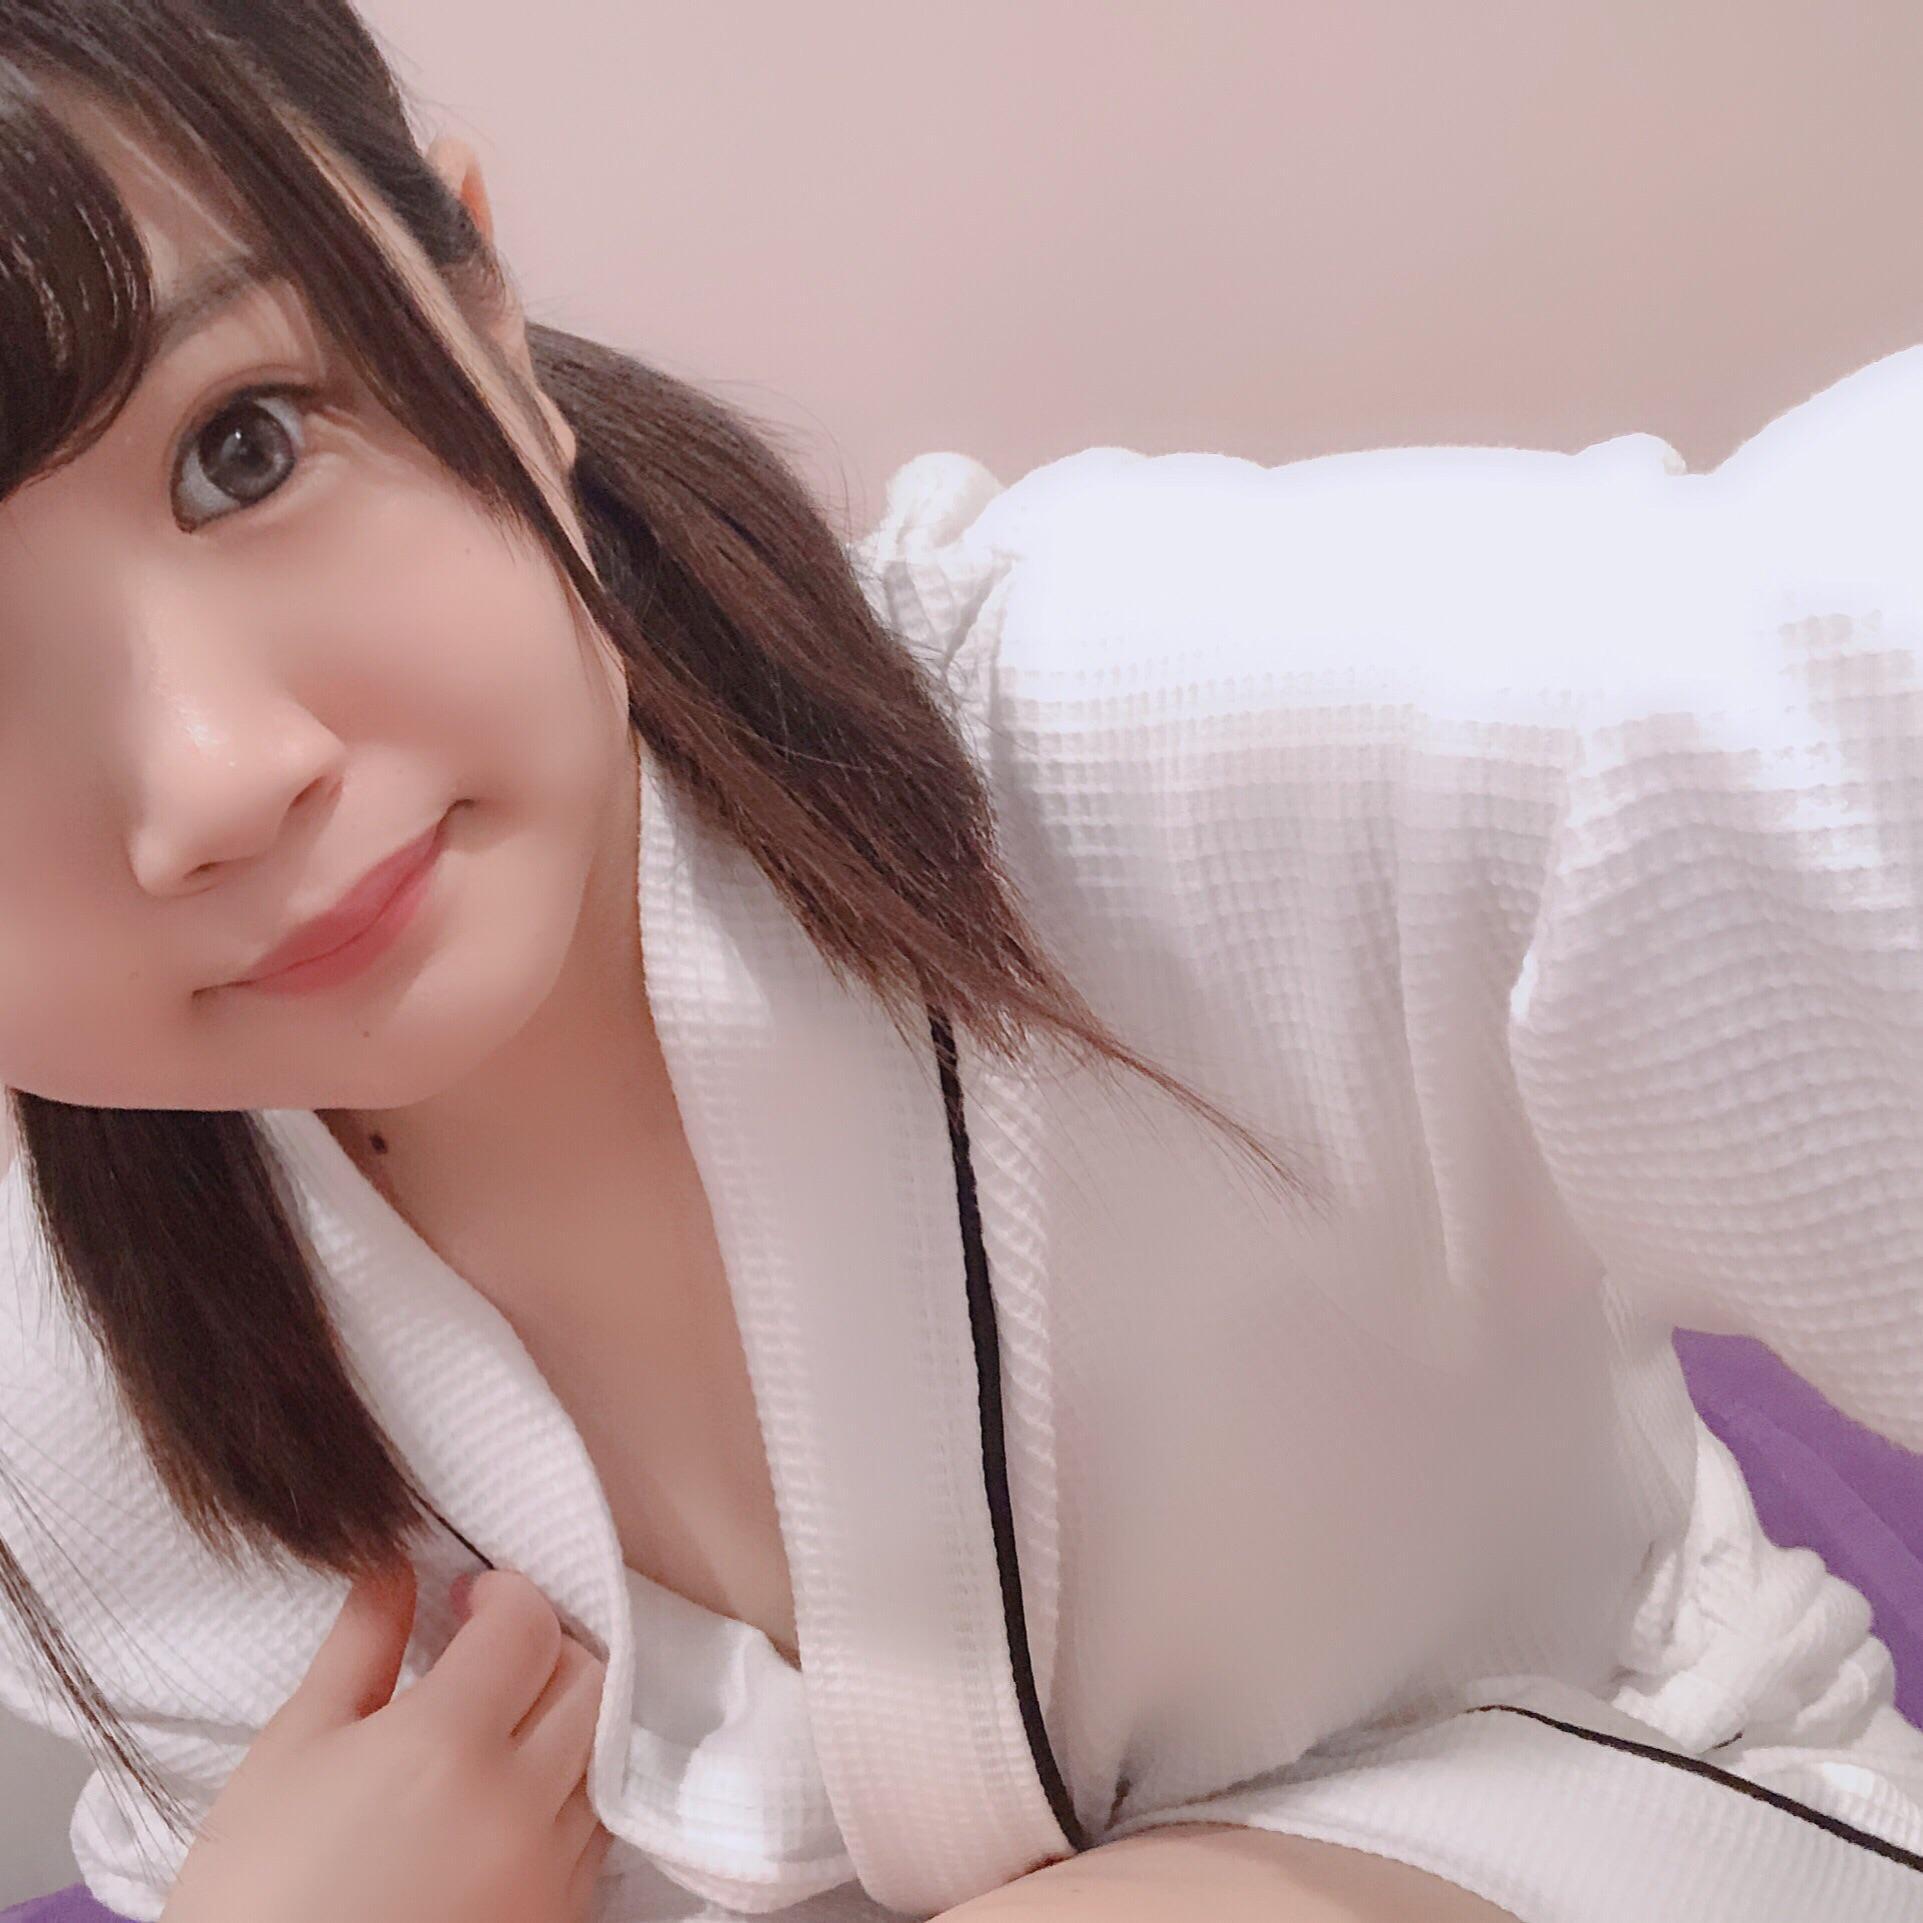 「ありがとう?」09/17(火) 01:28   みるきーの写メ・風俗動画